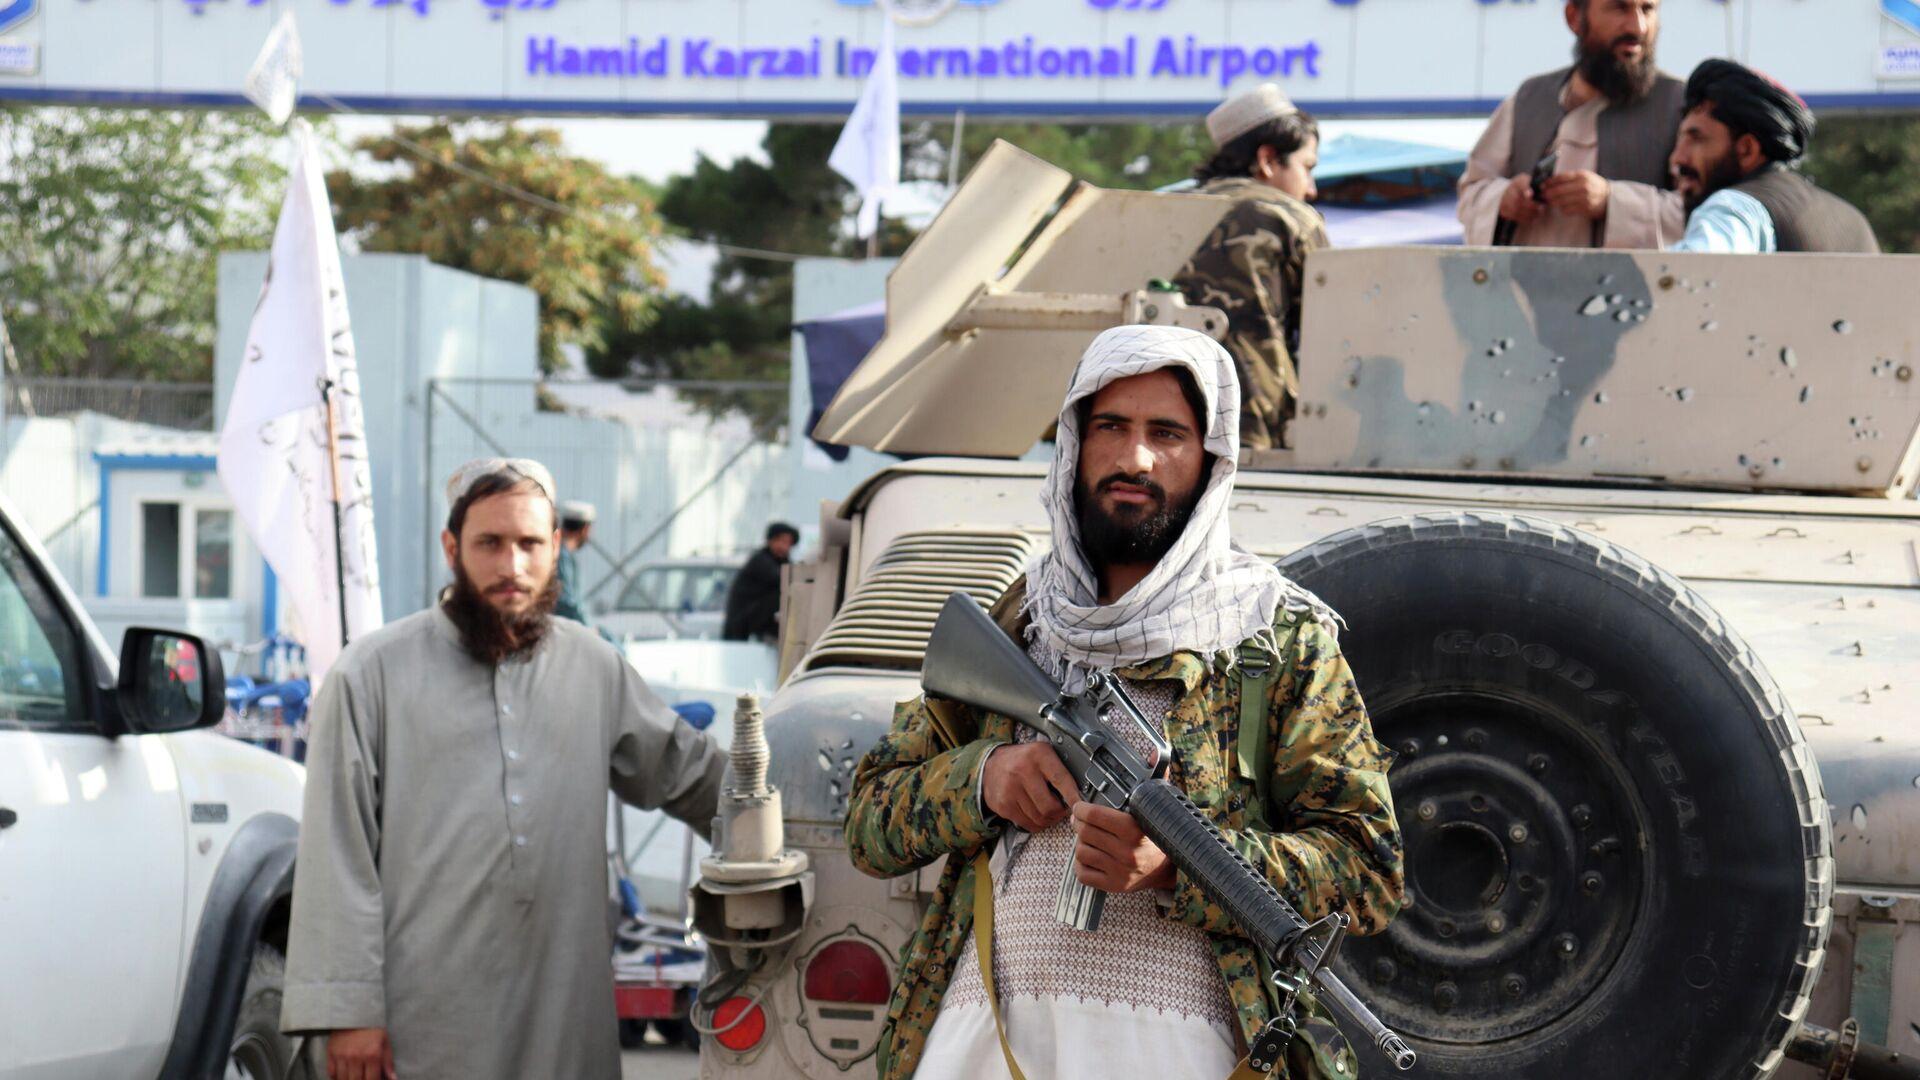 Боевики Талибана стоят на страже перед международным аэропортом Хамида Карзая после вывода американских войск в Кабуле - Sputnik Тоҷикистон, 1920, 01.10.2021